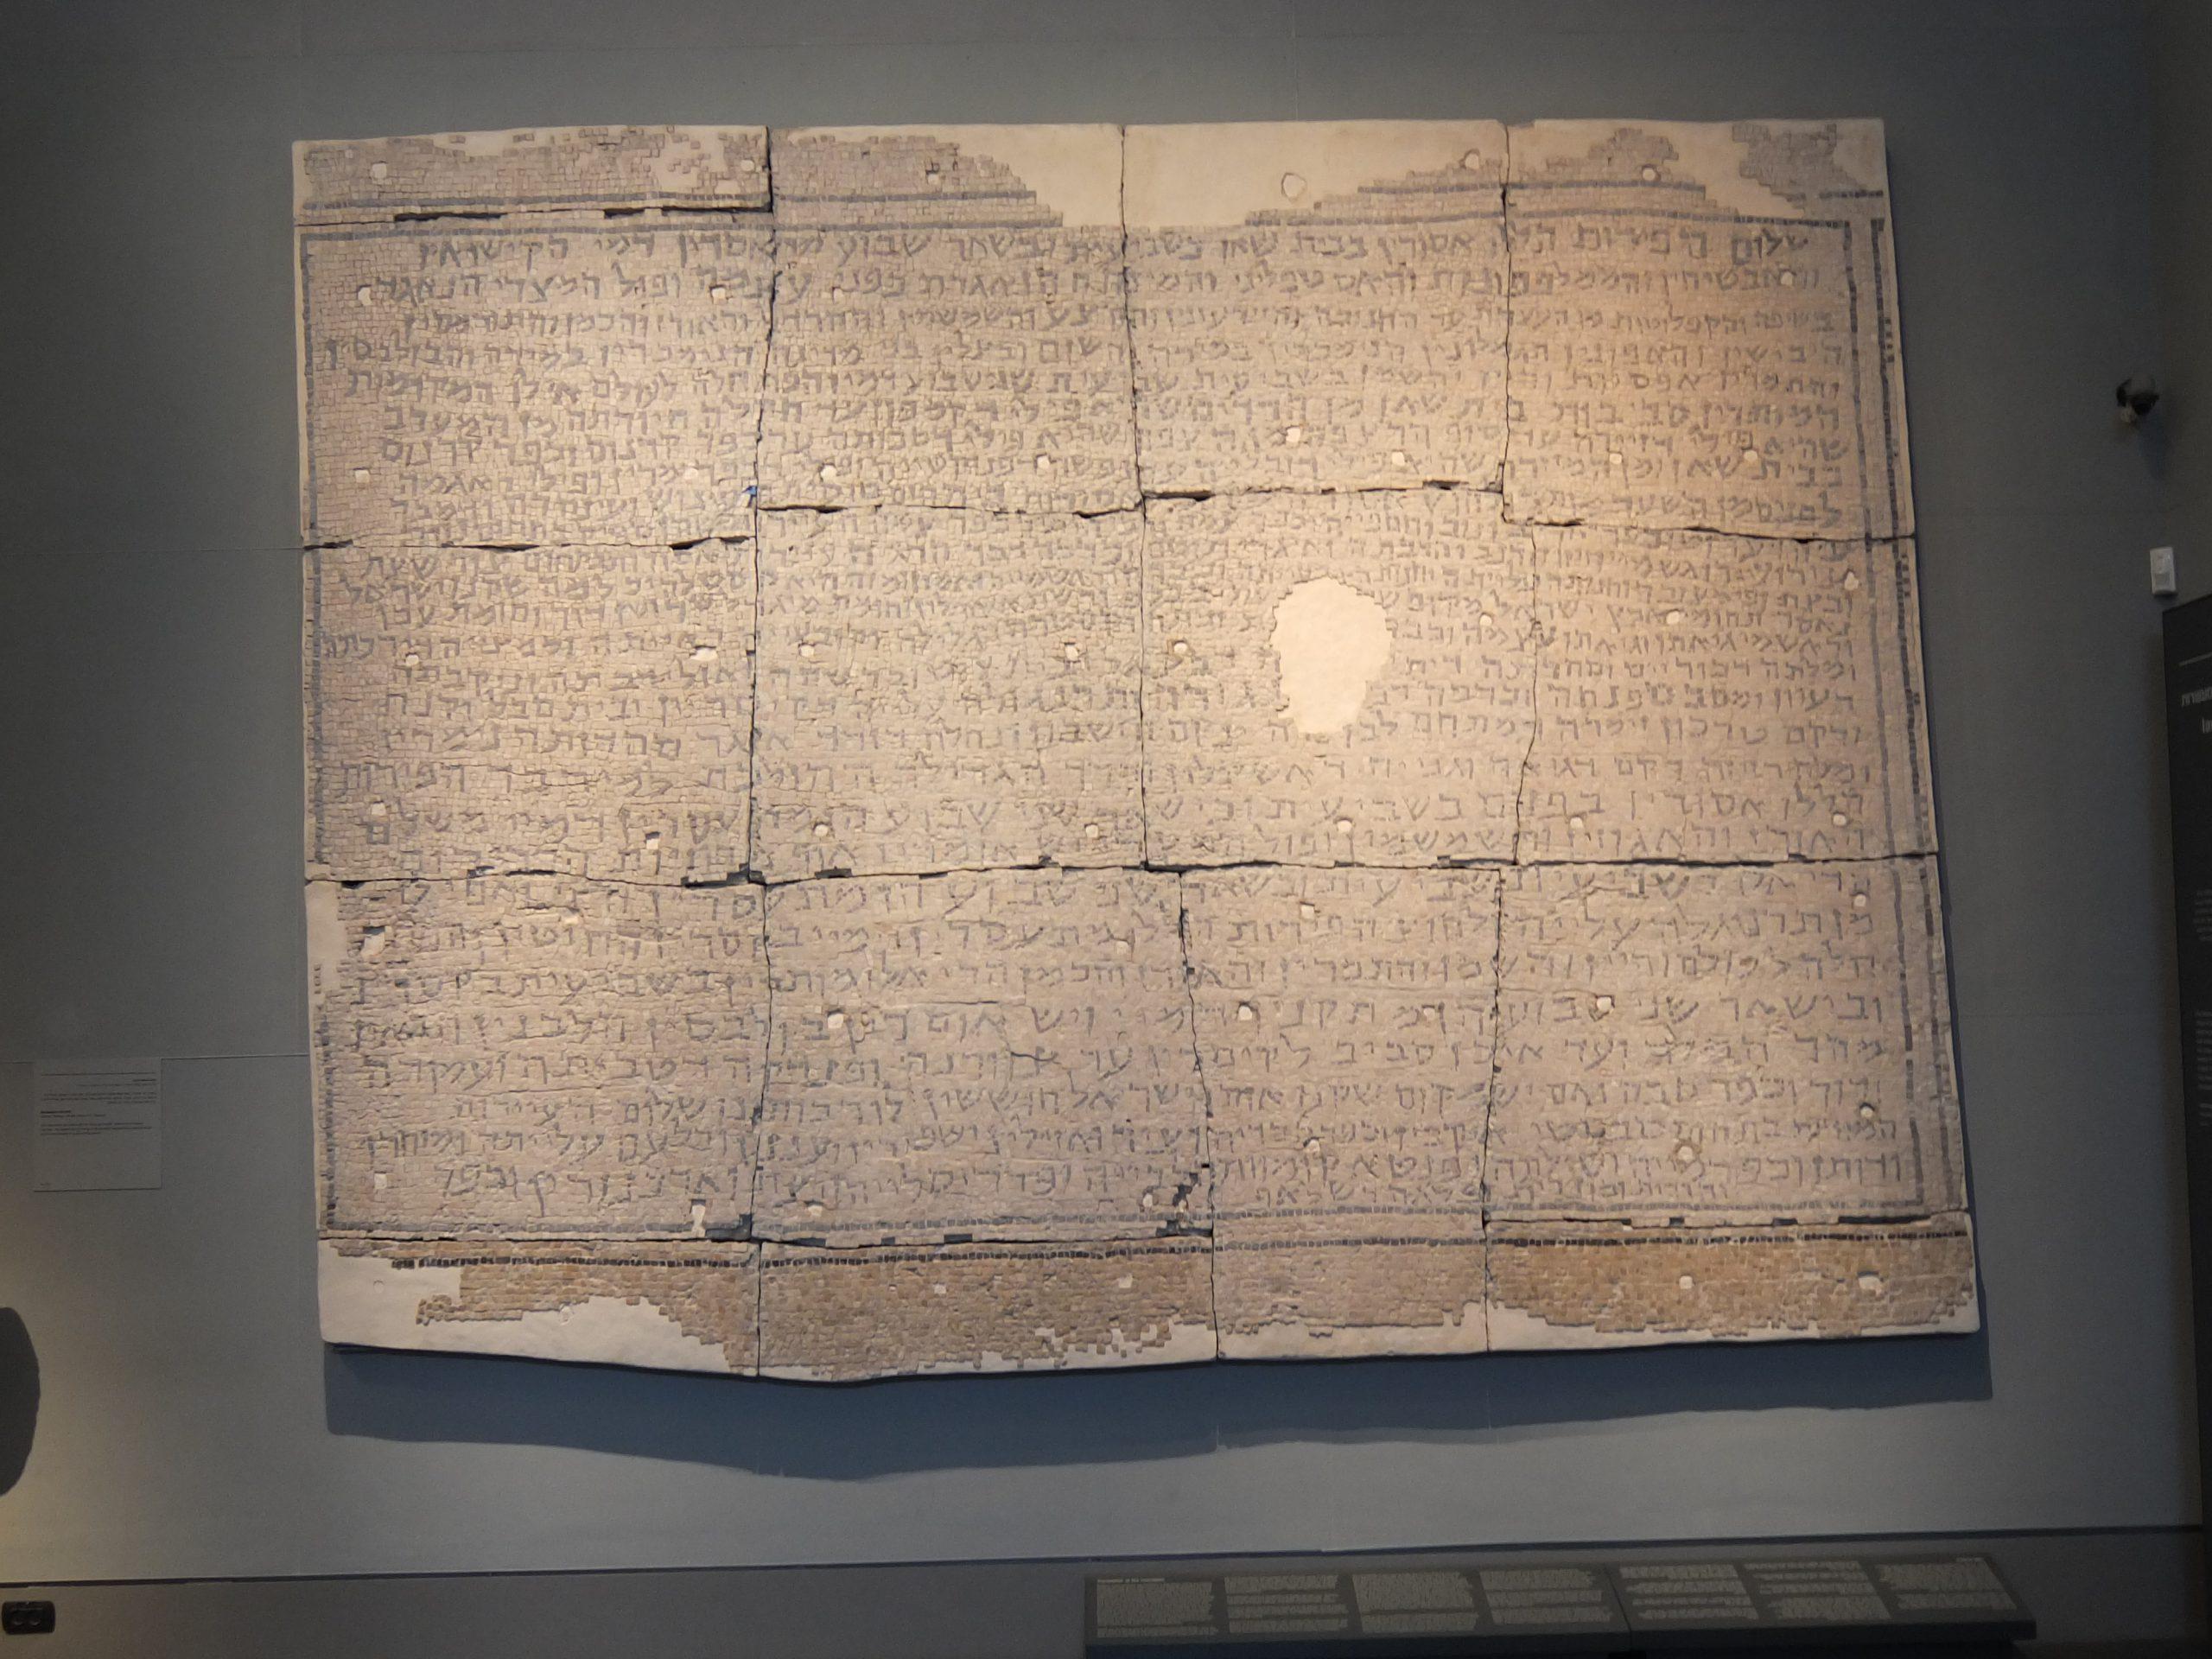 כתובת רחוב במוזיאון ישראל, 2018 מקור: Davidbena רשות העתיקות